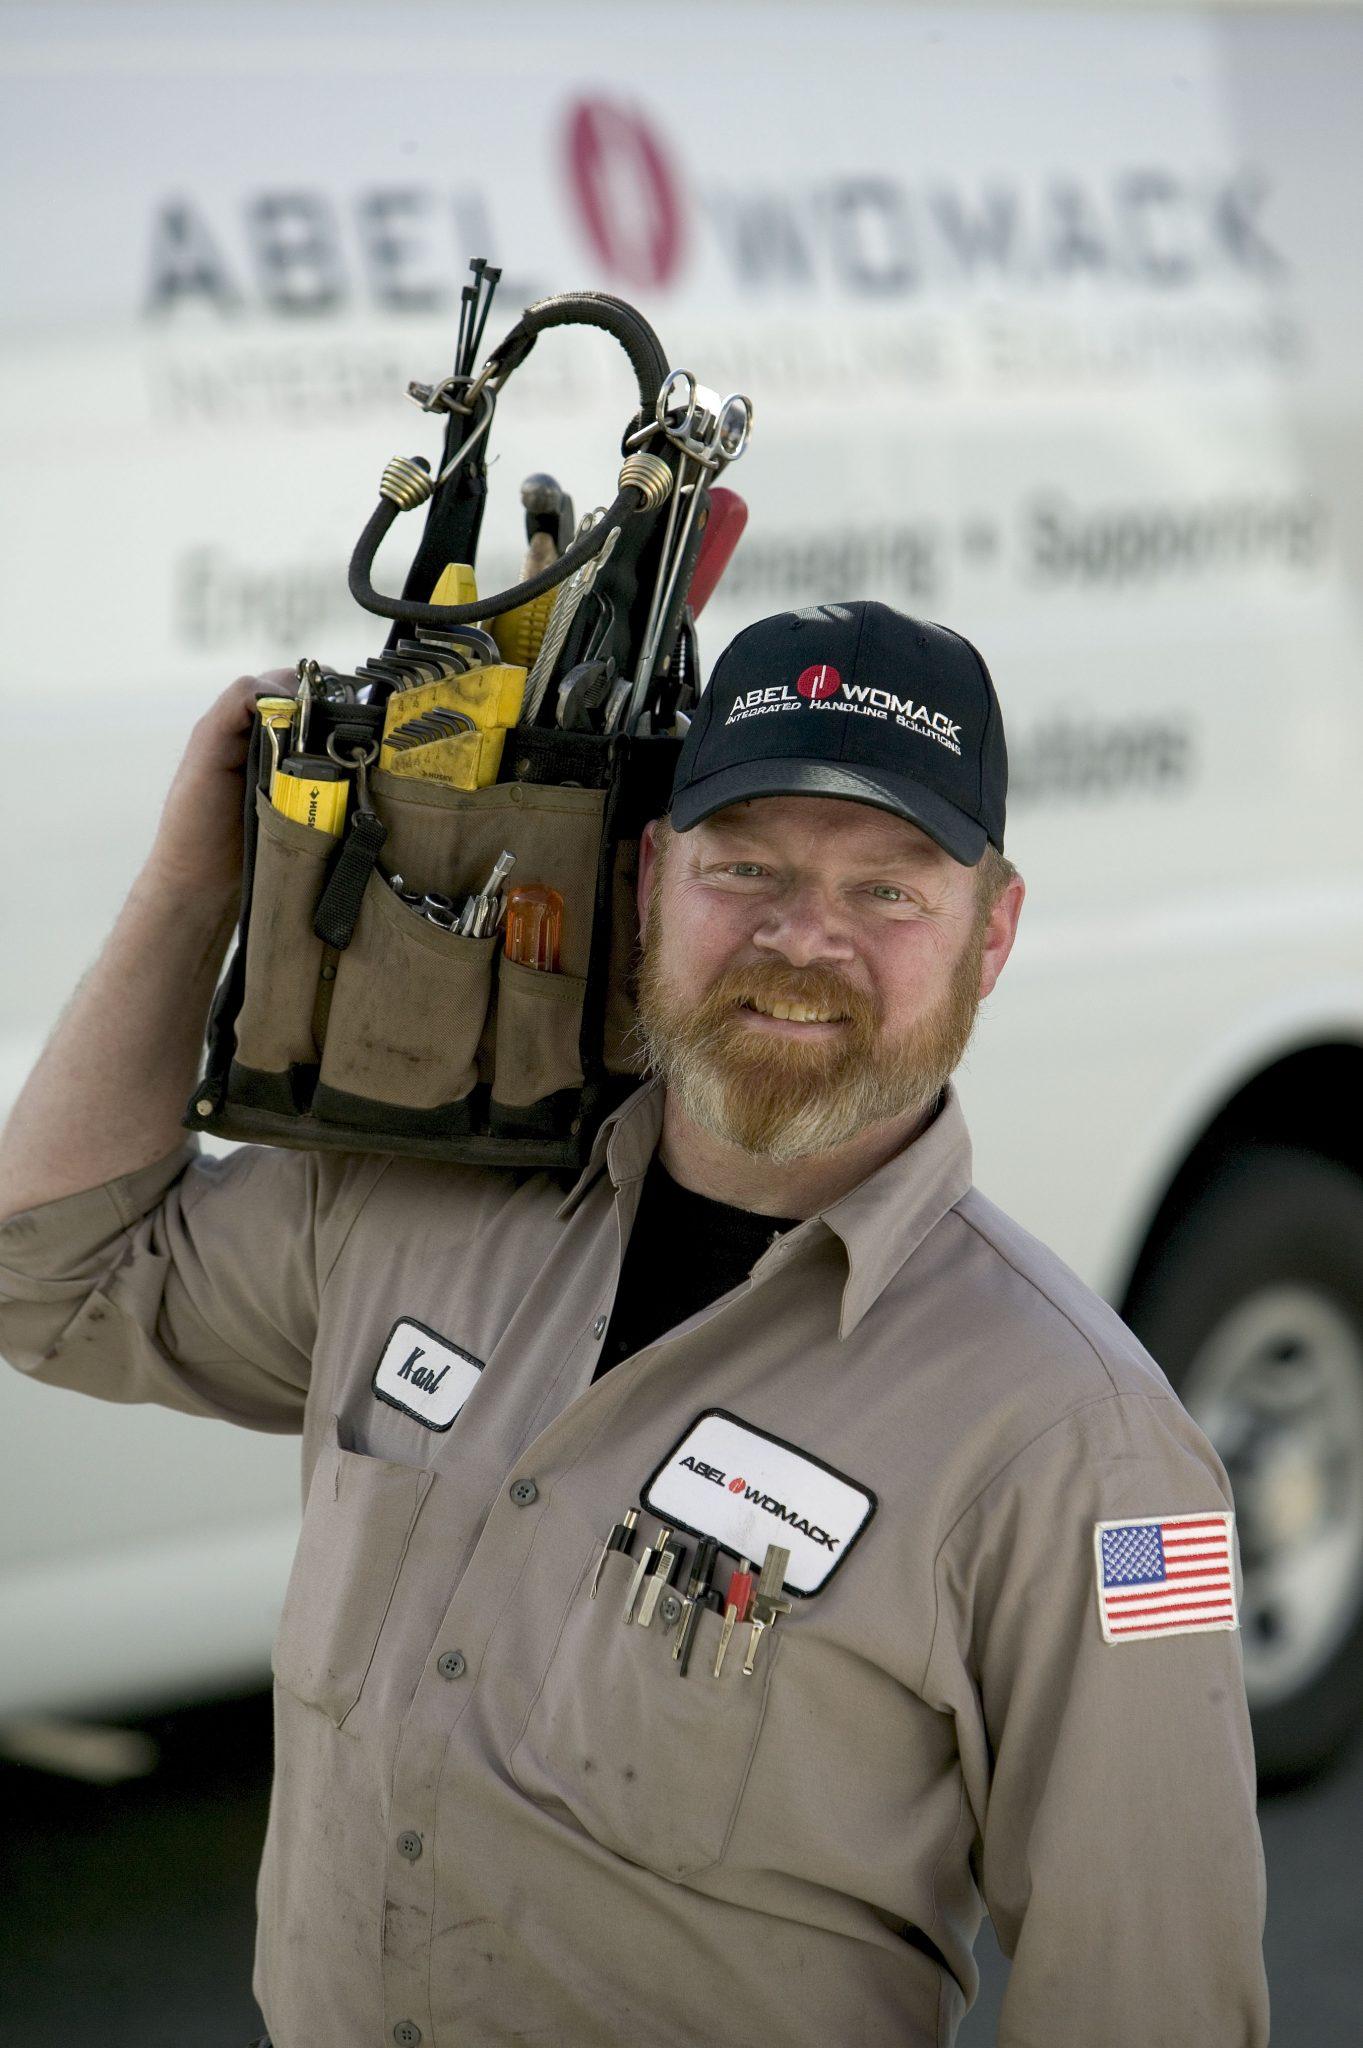 Emergency service technician